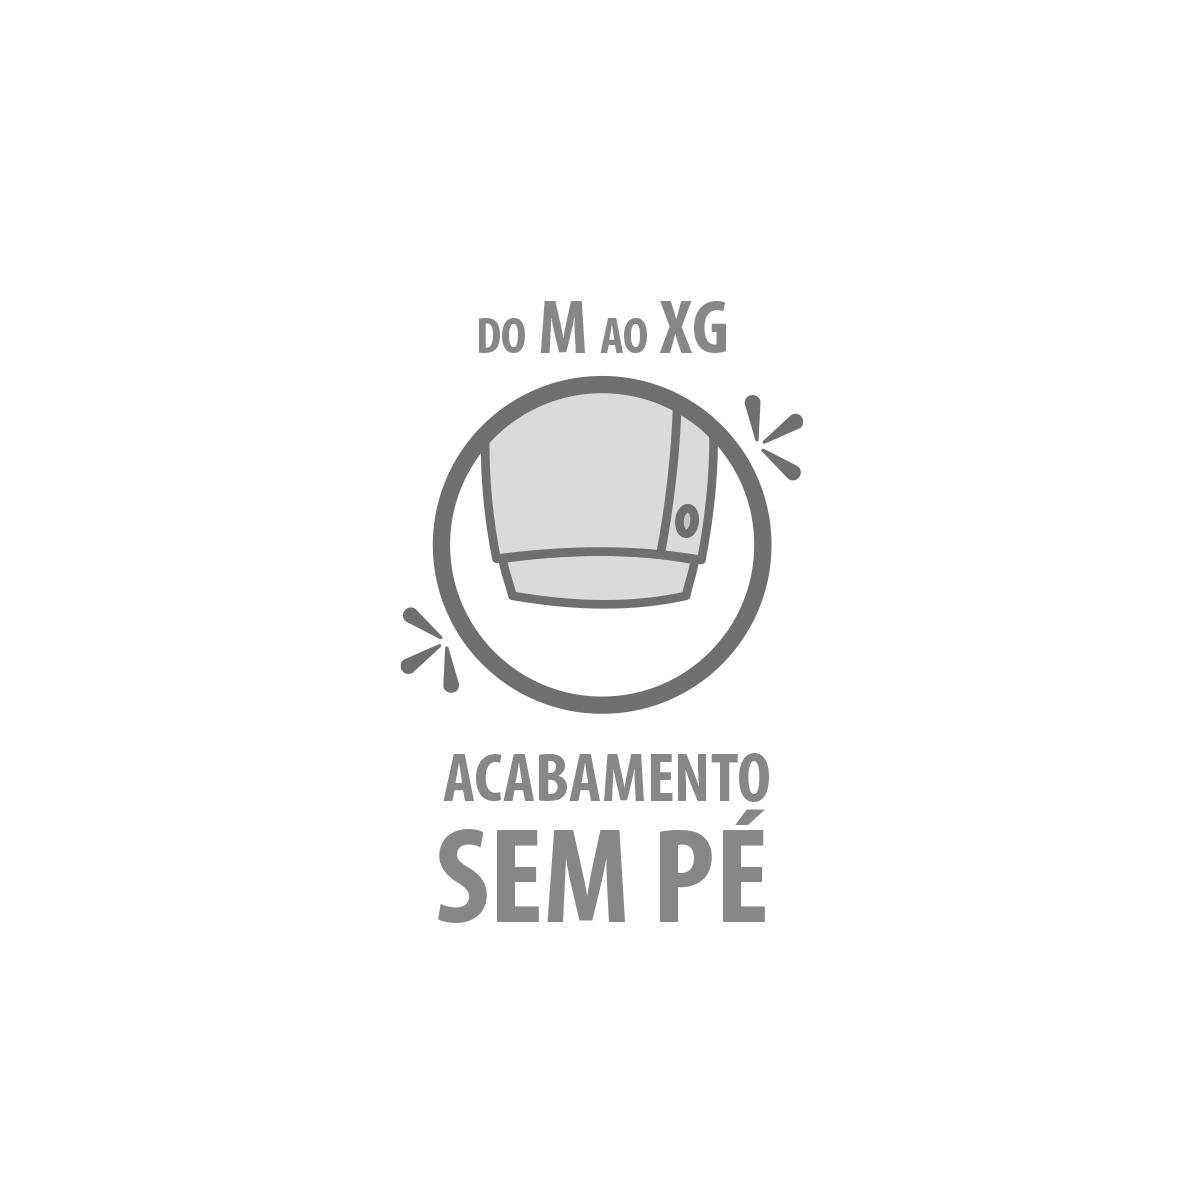 Macacão Soft Luar Marinho -  Tamanhos RN e P com pezinho; M, G e XG sem pezinho  - Piu Blu